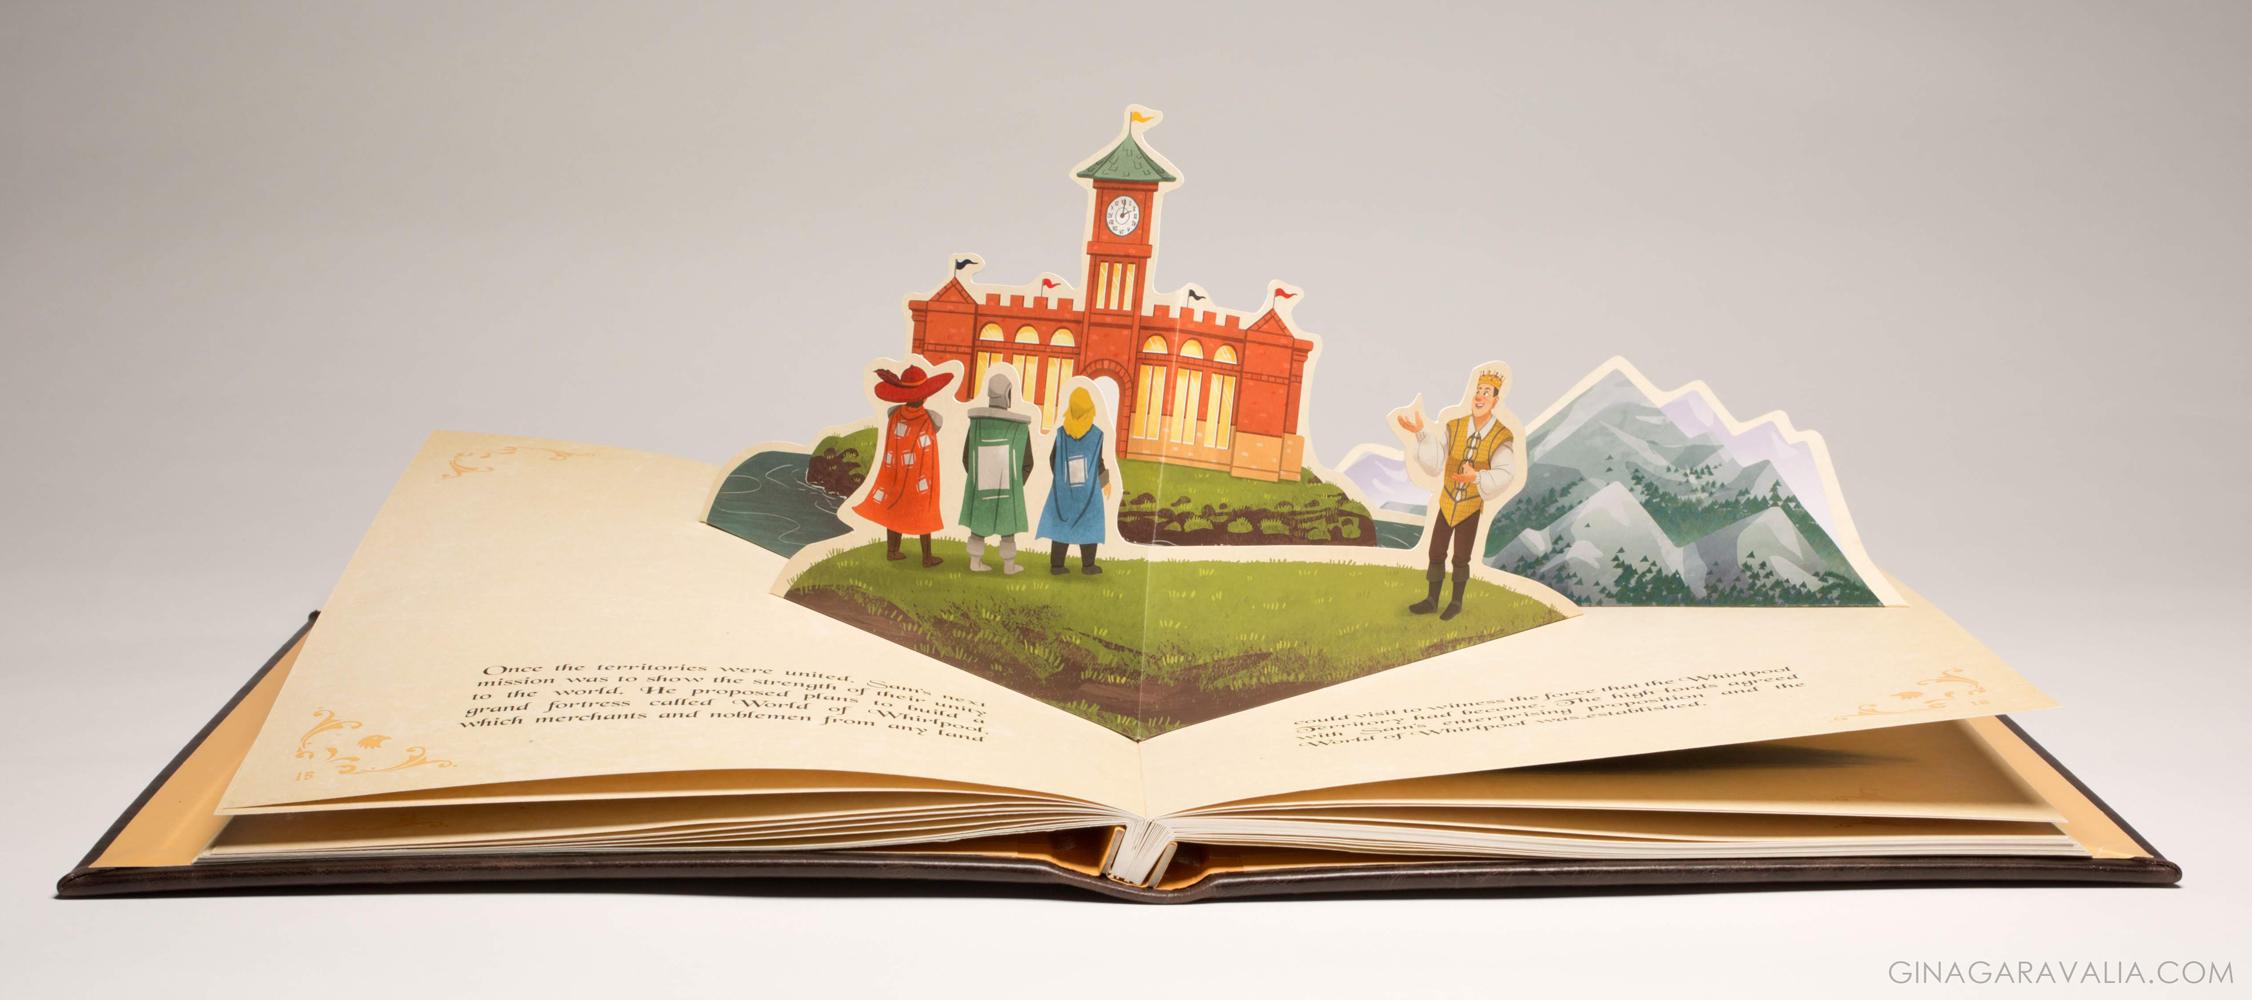 Flat-book-popups-4.jpg